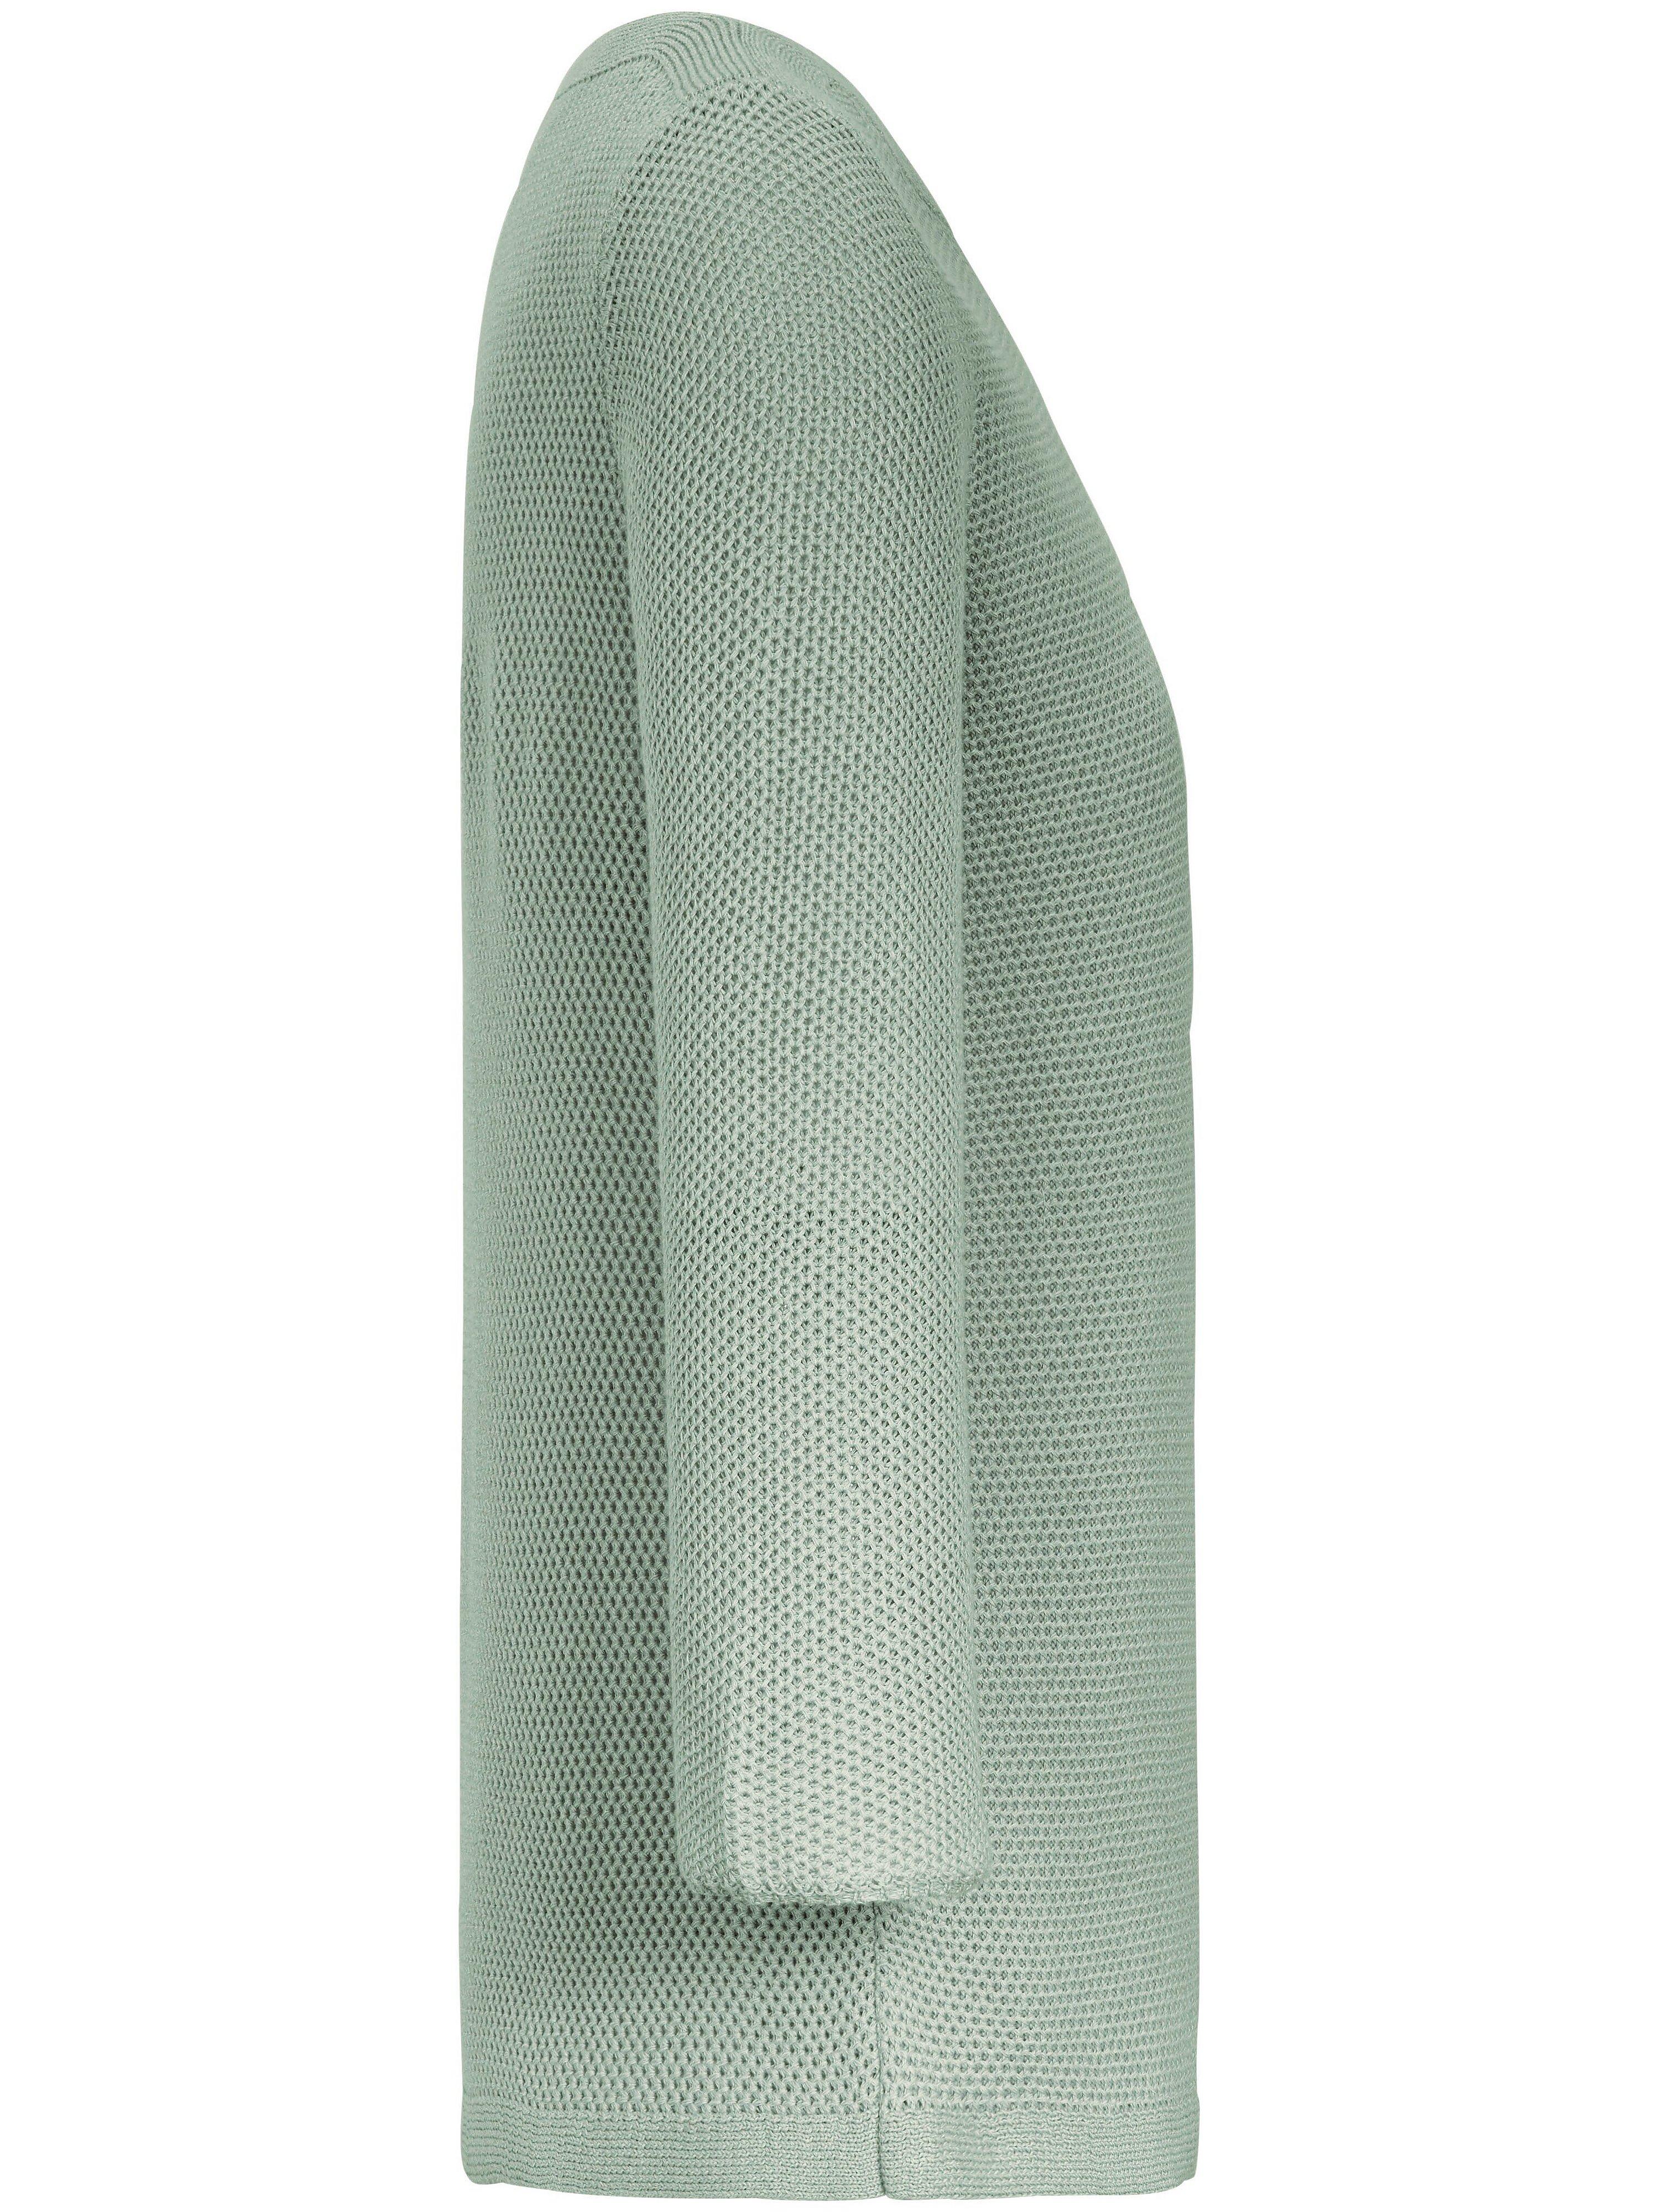 Strikbluse i 100% bomuld Fra Peter Hahn grøn